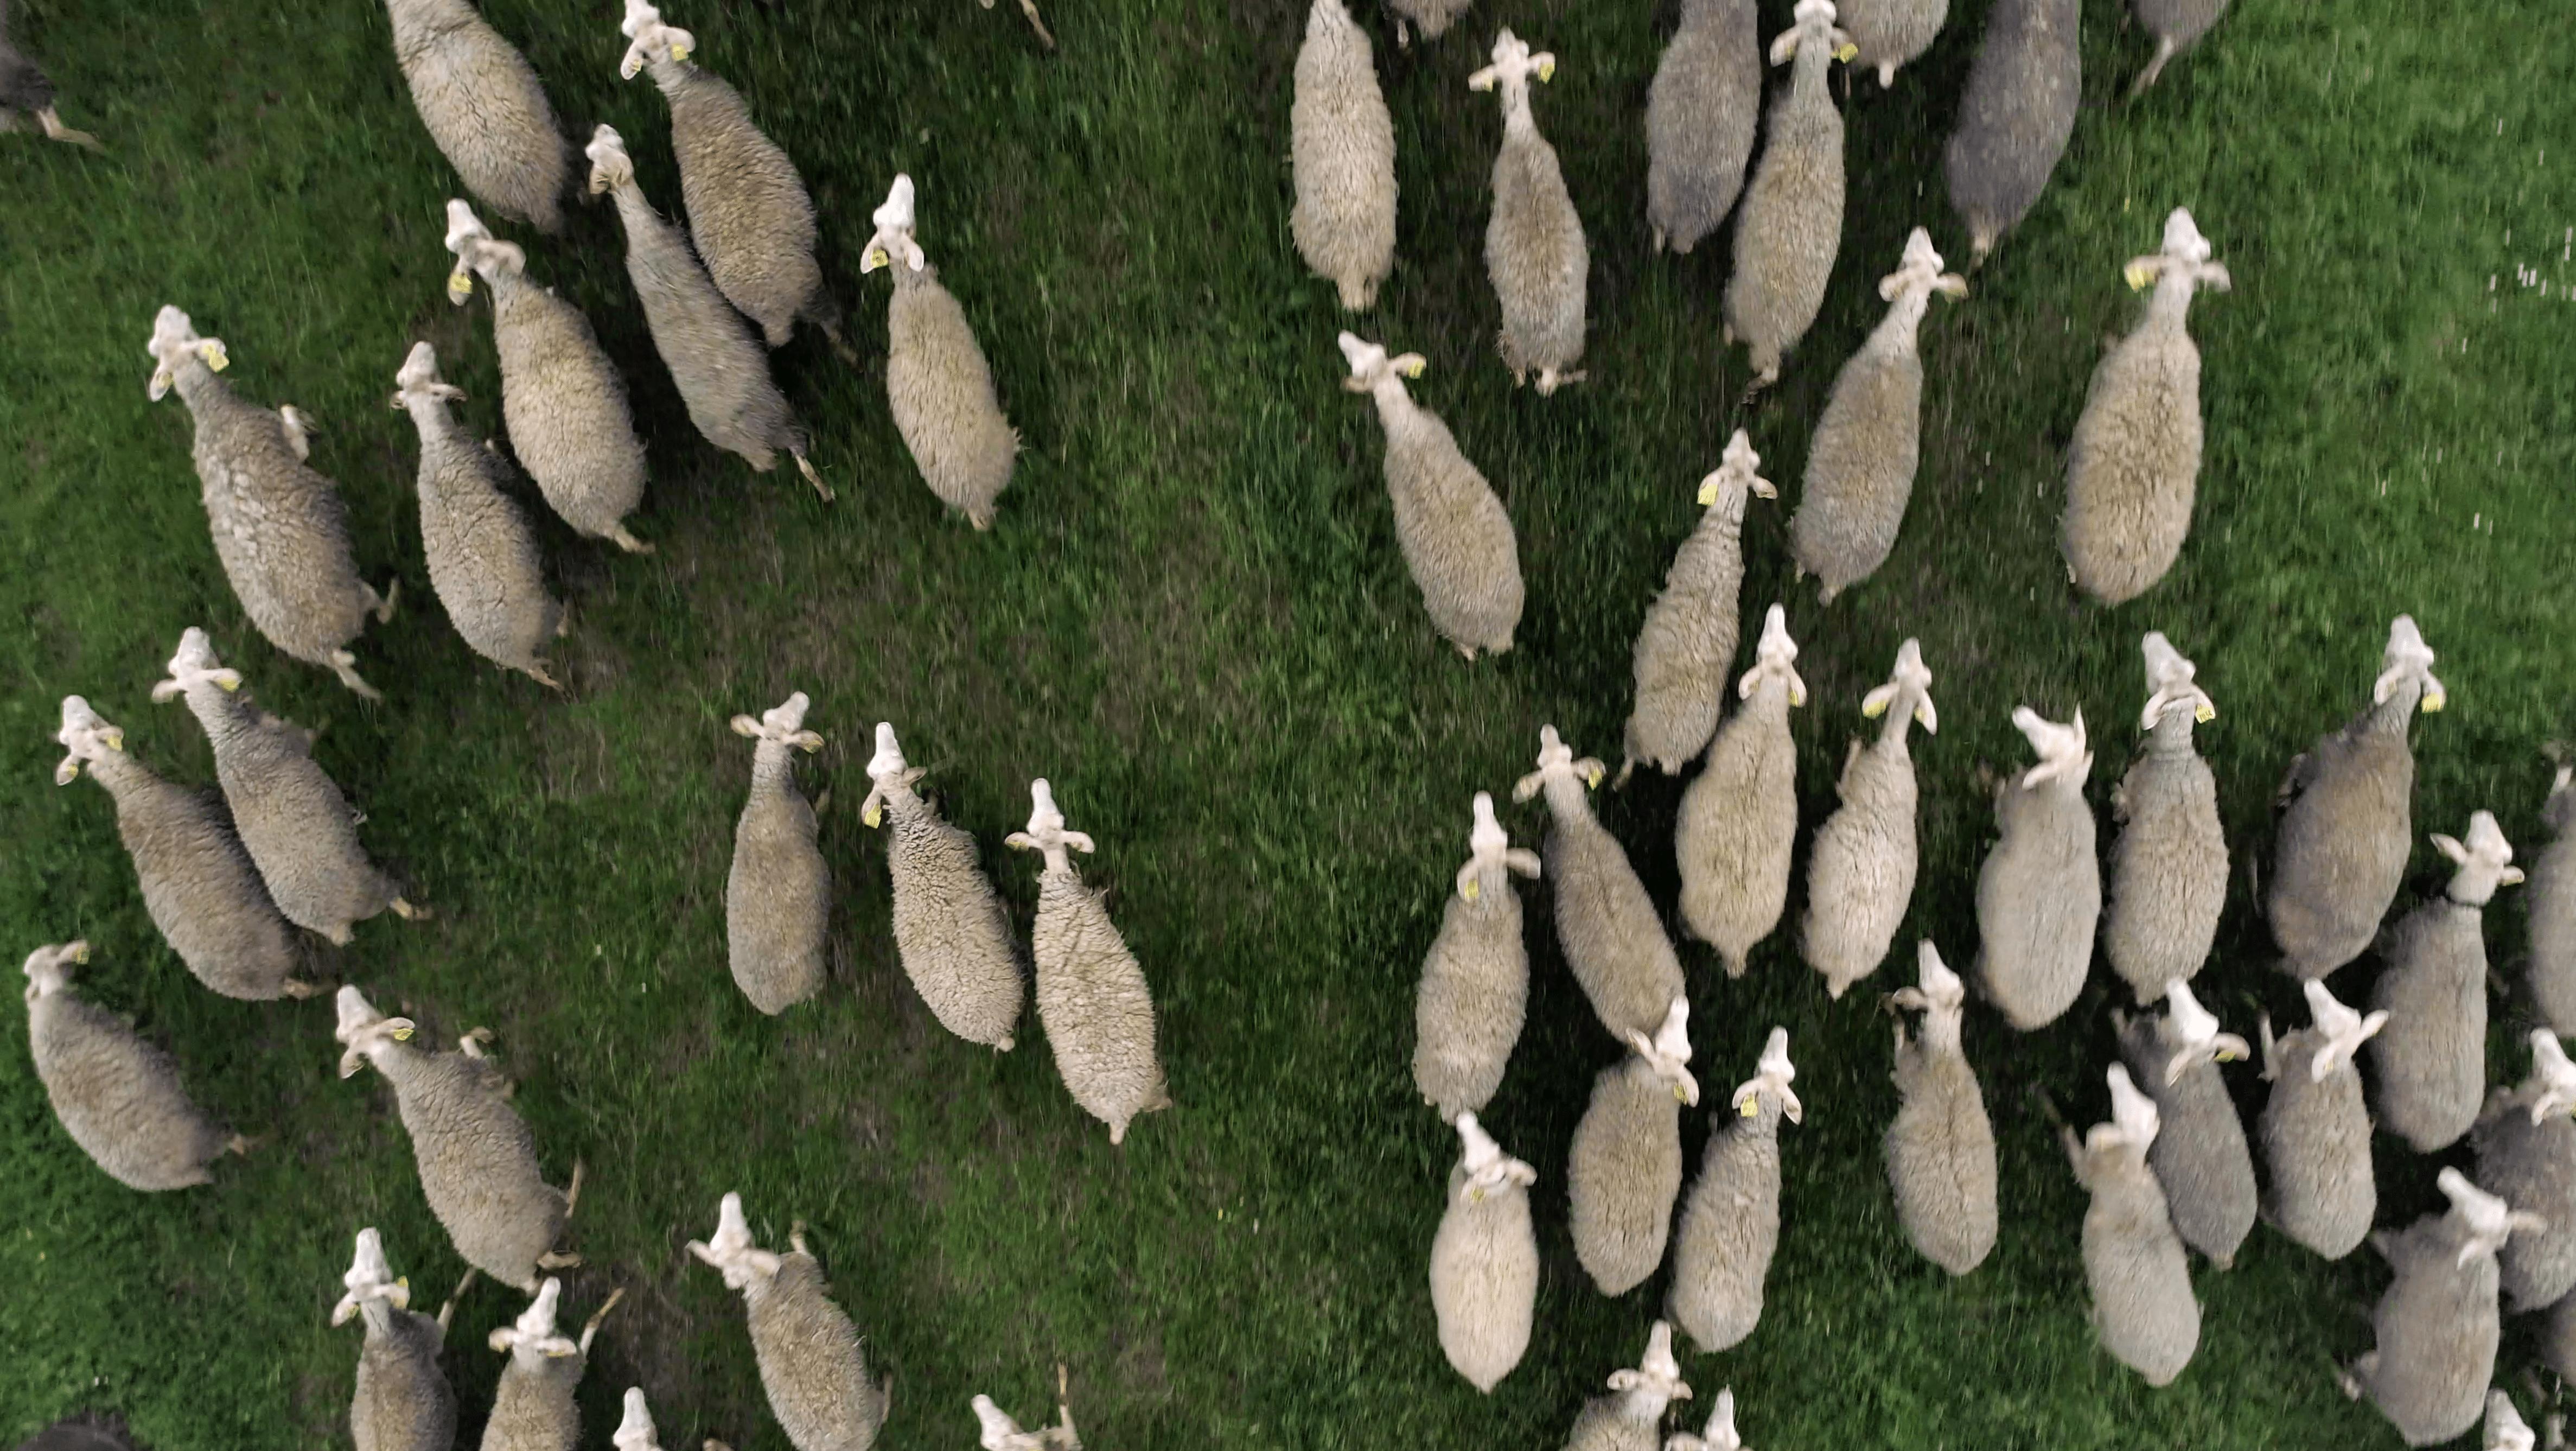 atelier tuffery webserie mouton pantalon laine docu jean denim made in france